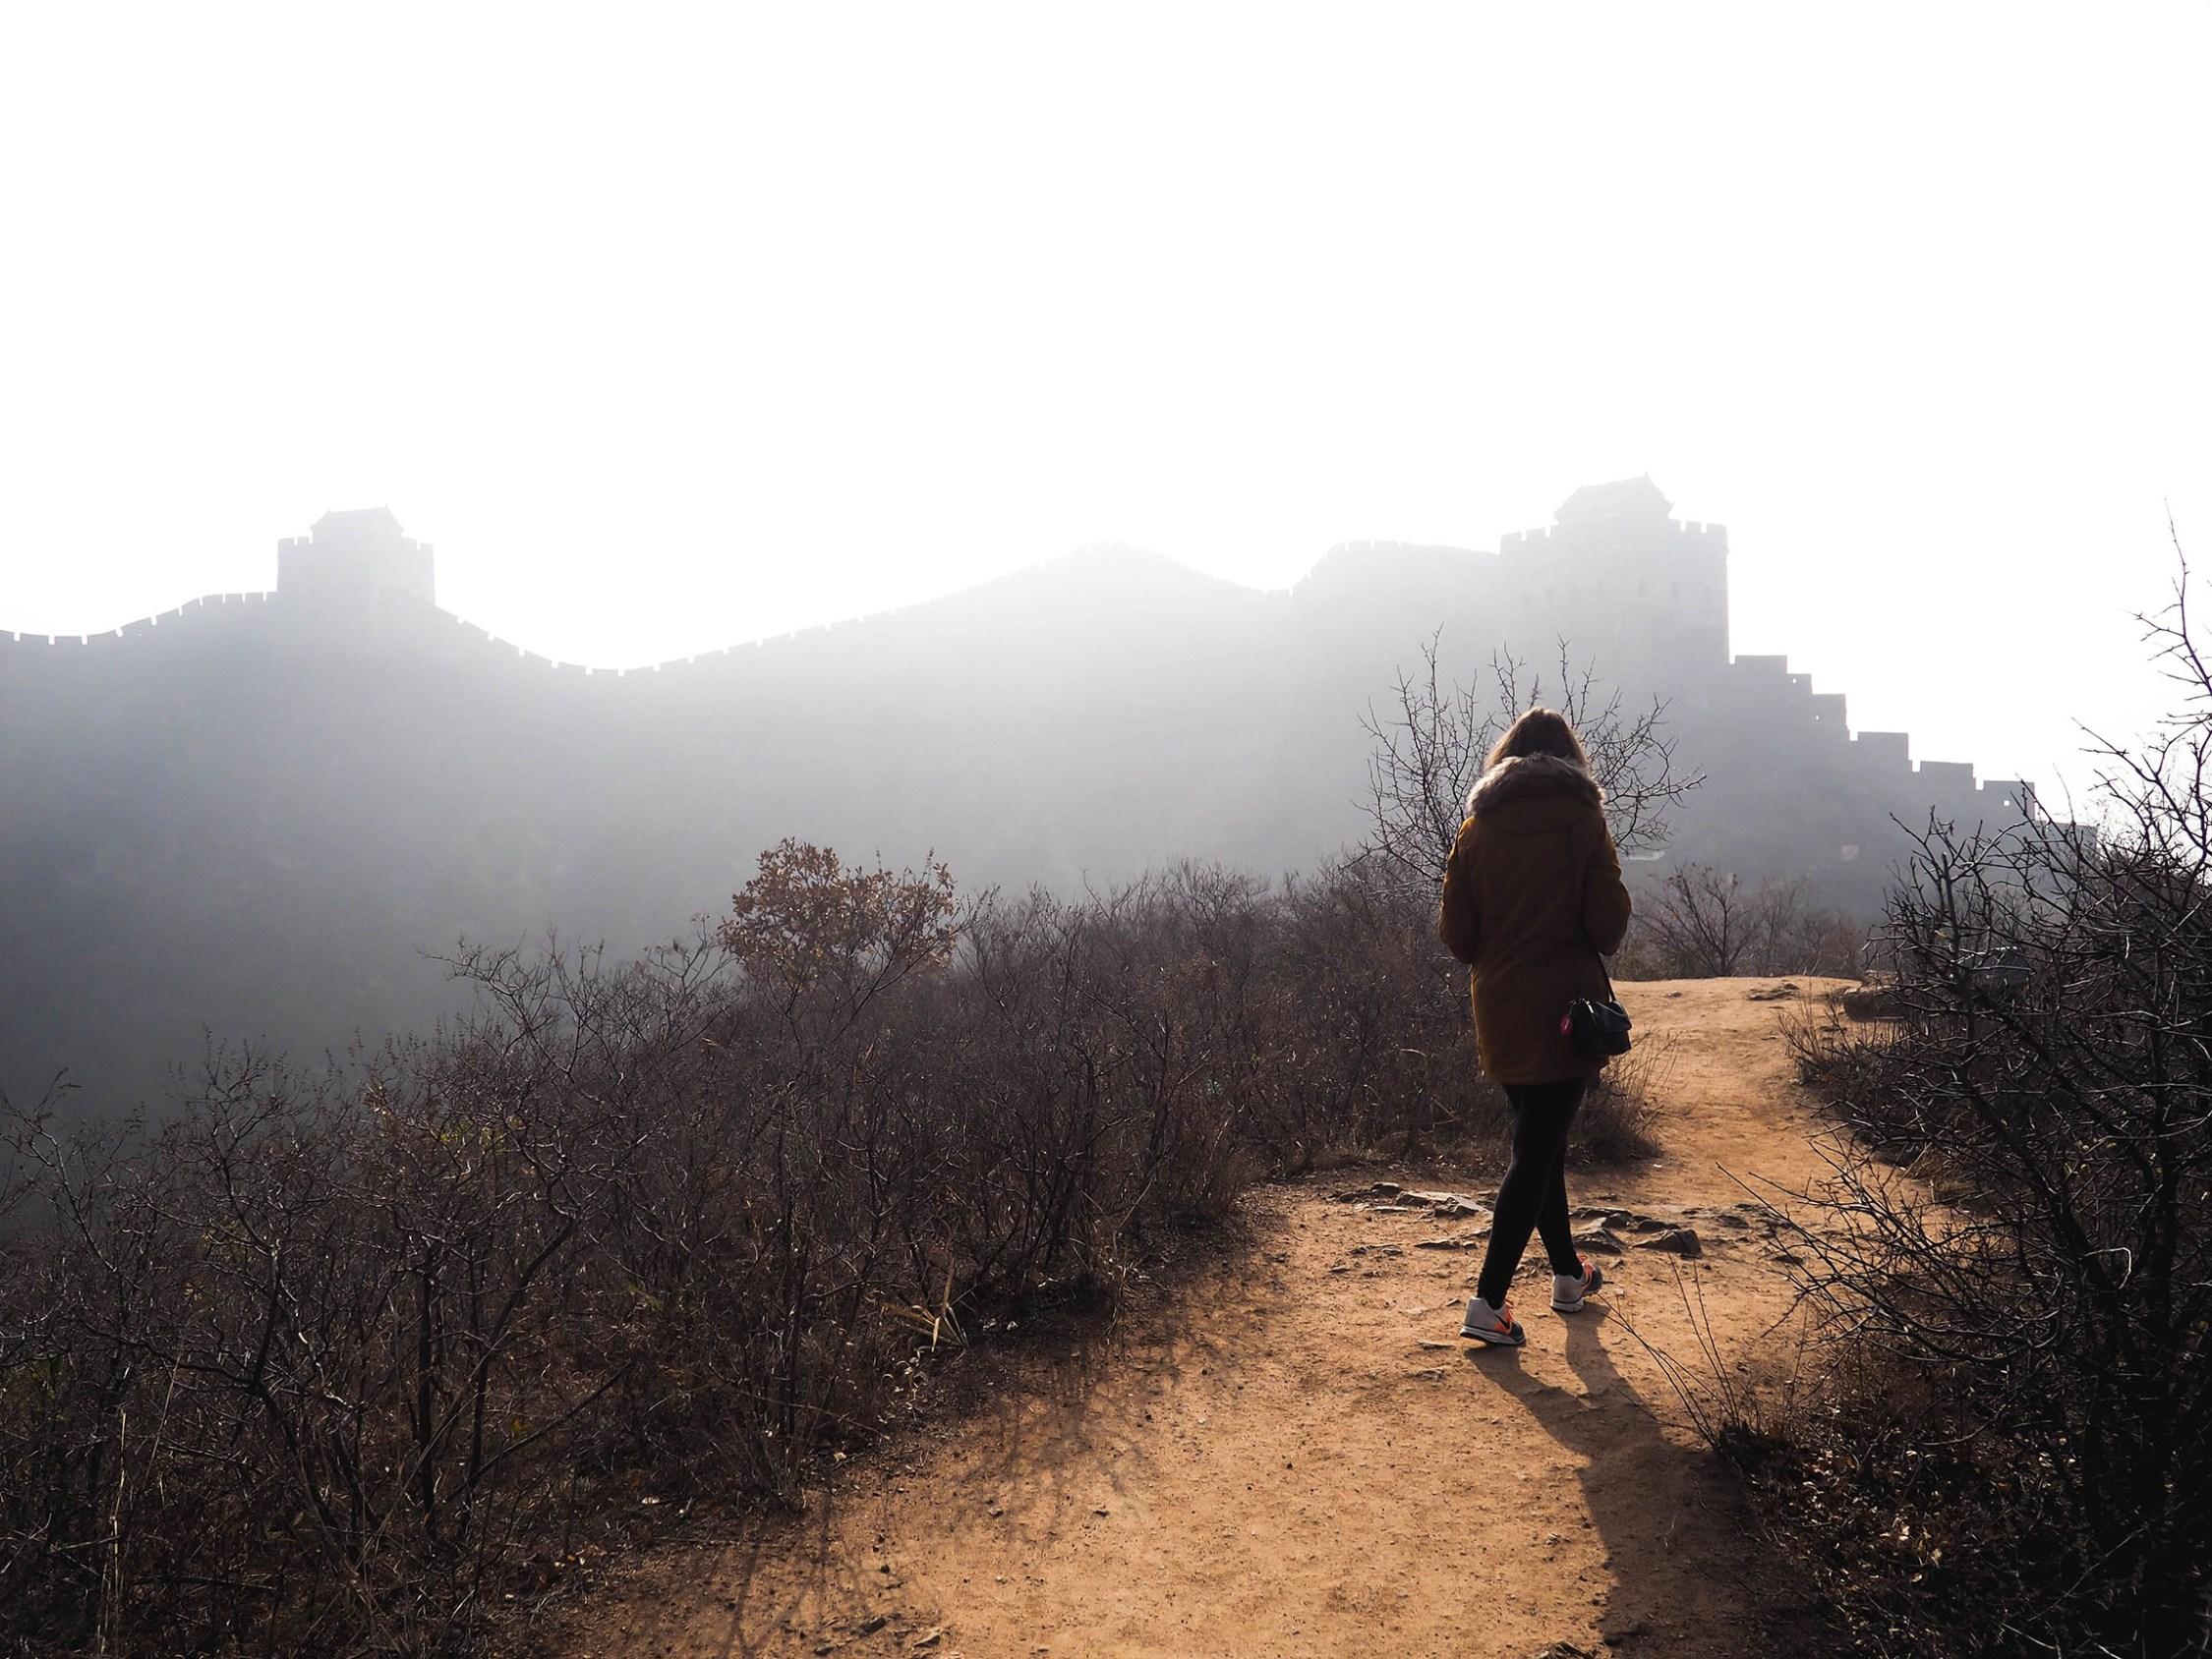 A Beautiful Great Wall Morning Hiking Tour In Jinshaling